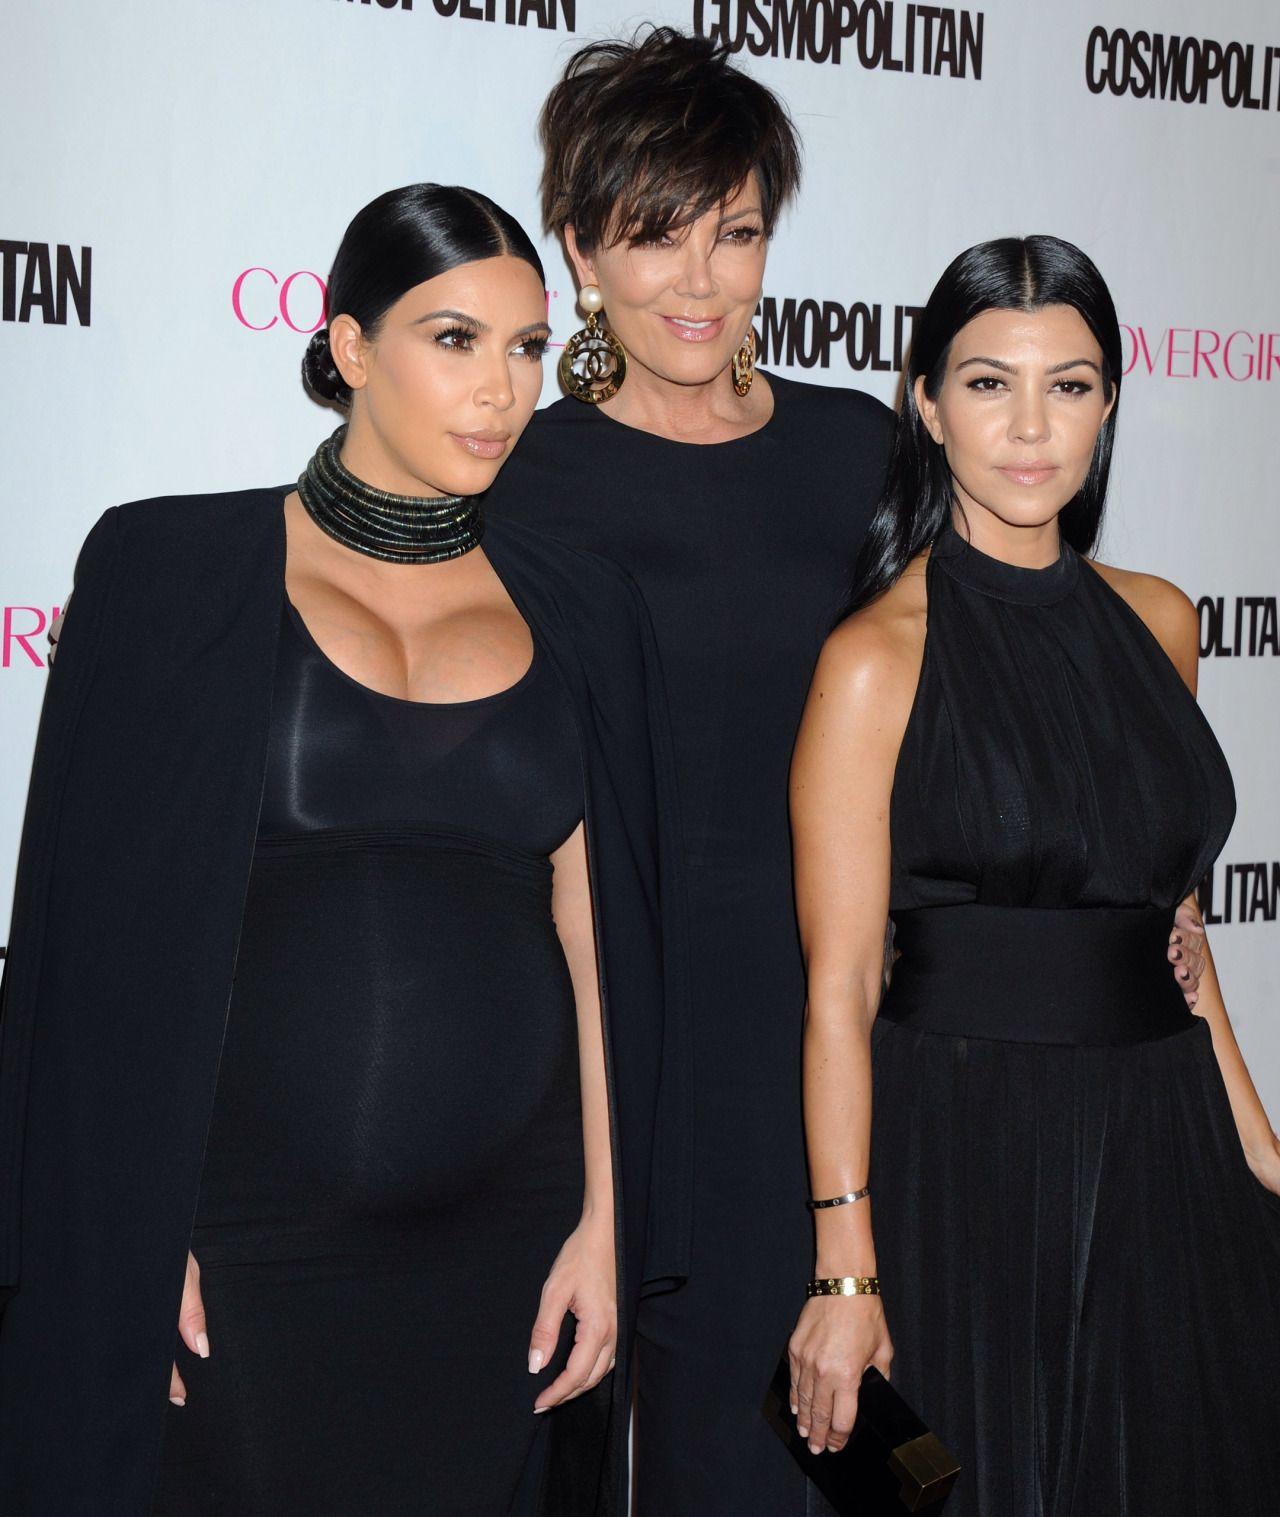 Kim, Kris & Kourtney at Cosmopolitan's 50th Birthday